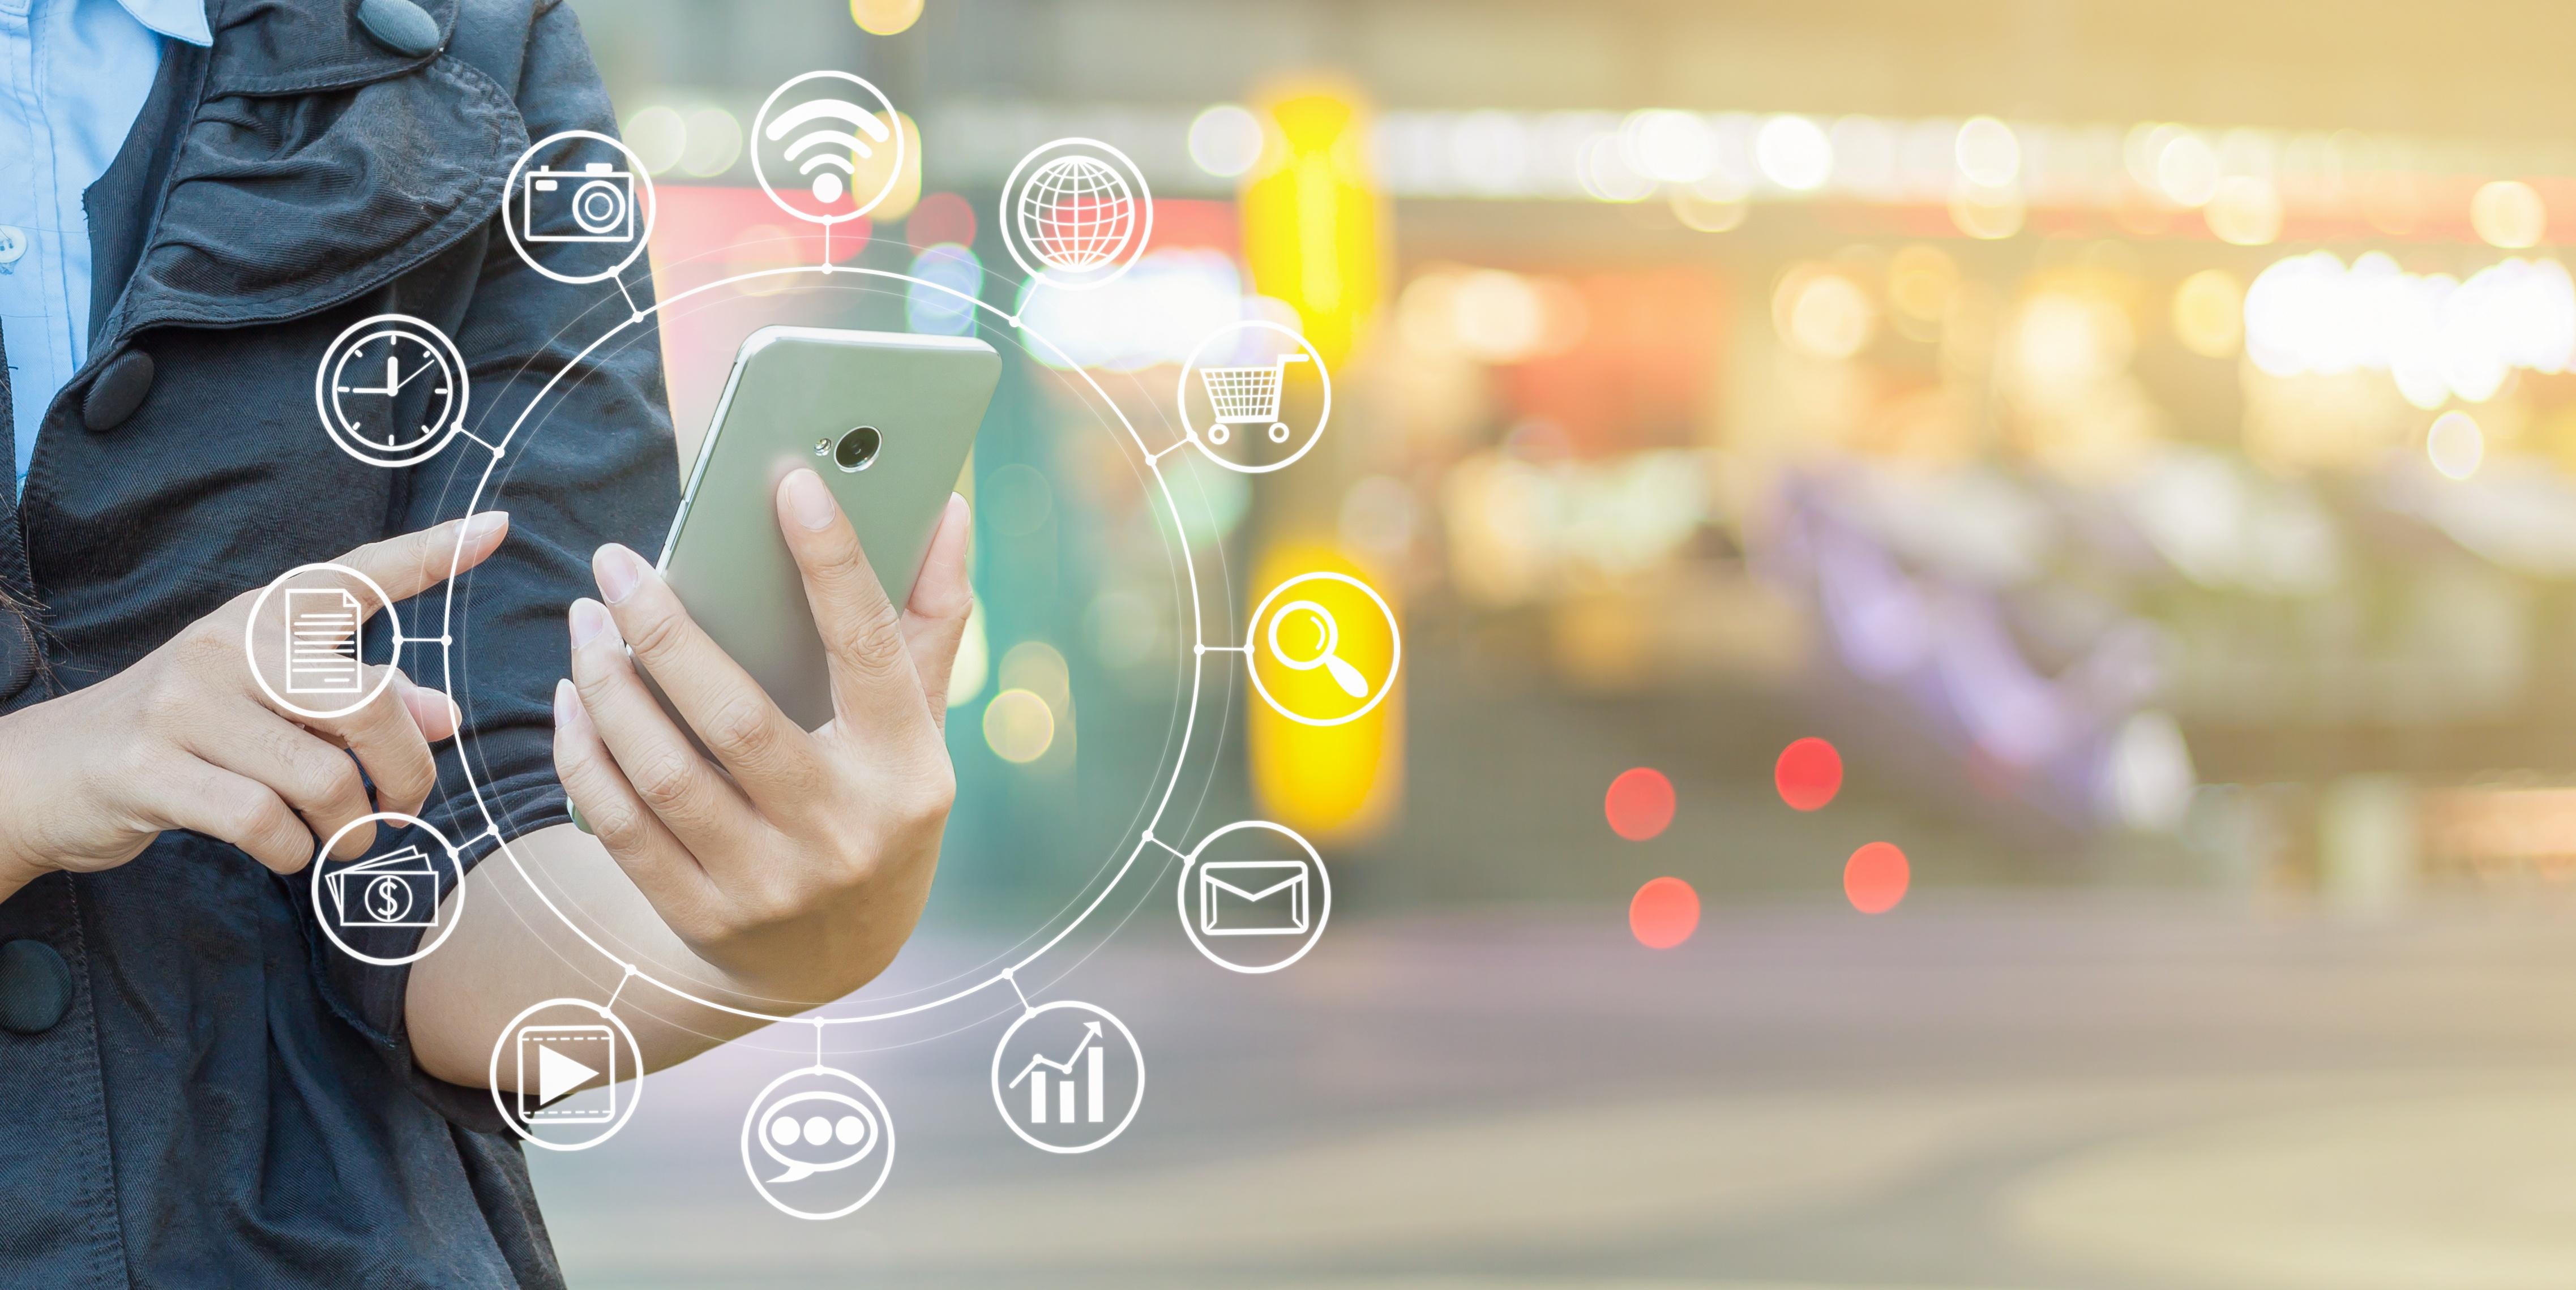 marketing digitale attraverso le opportunità del mobile